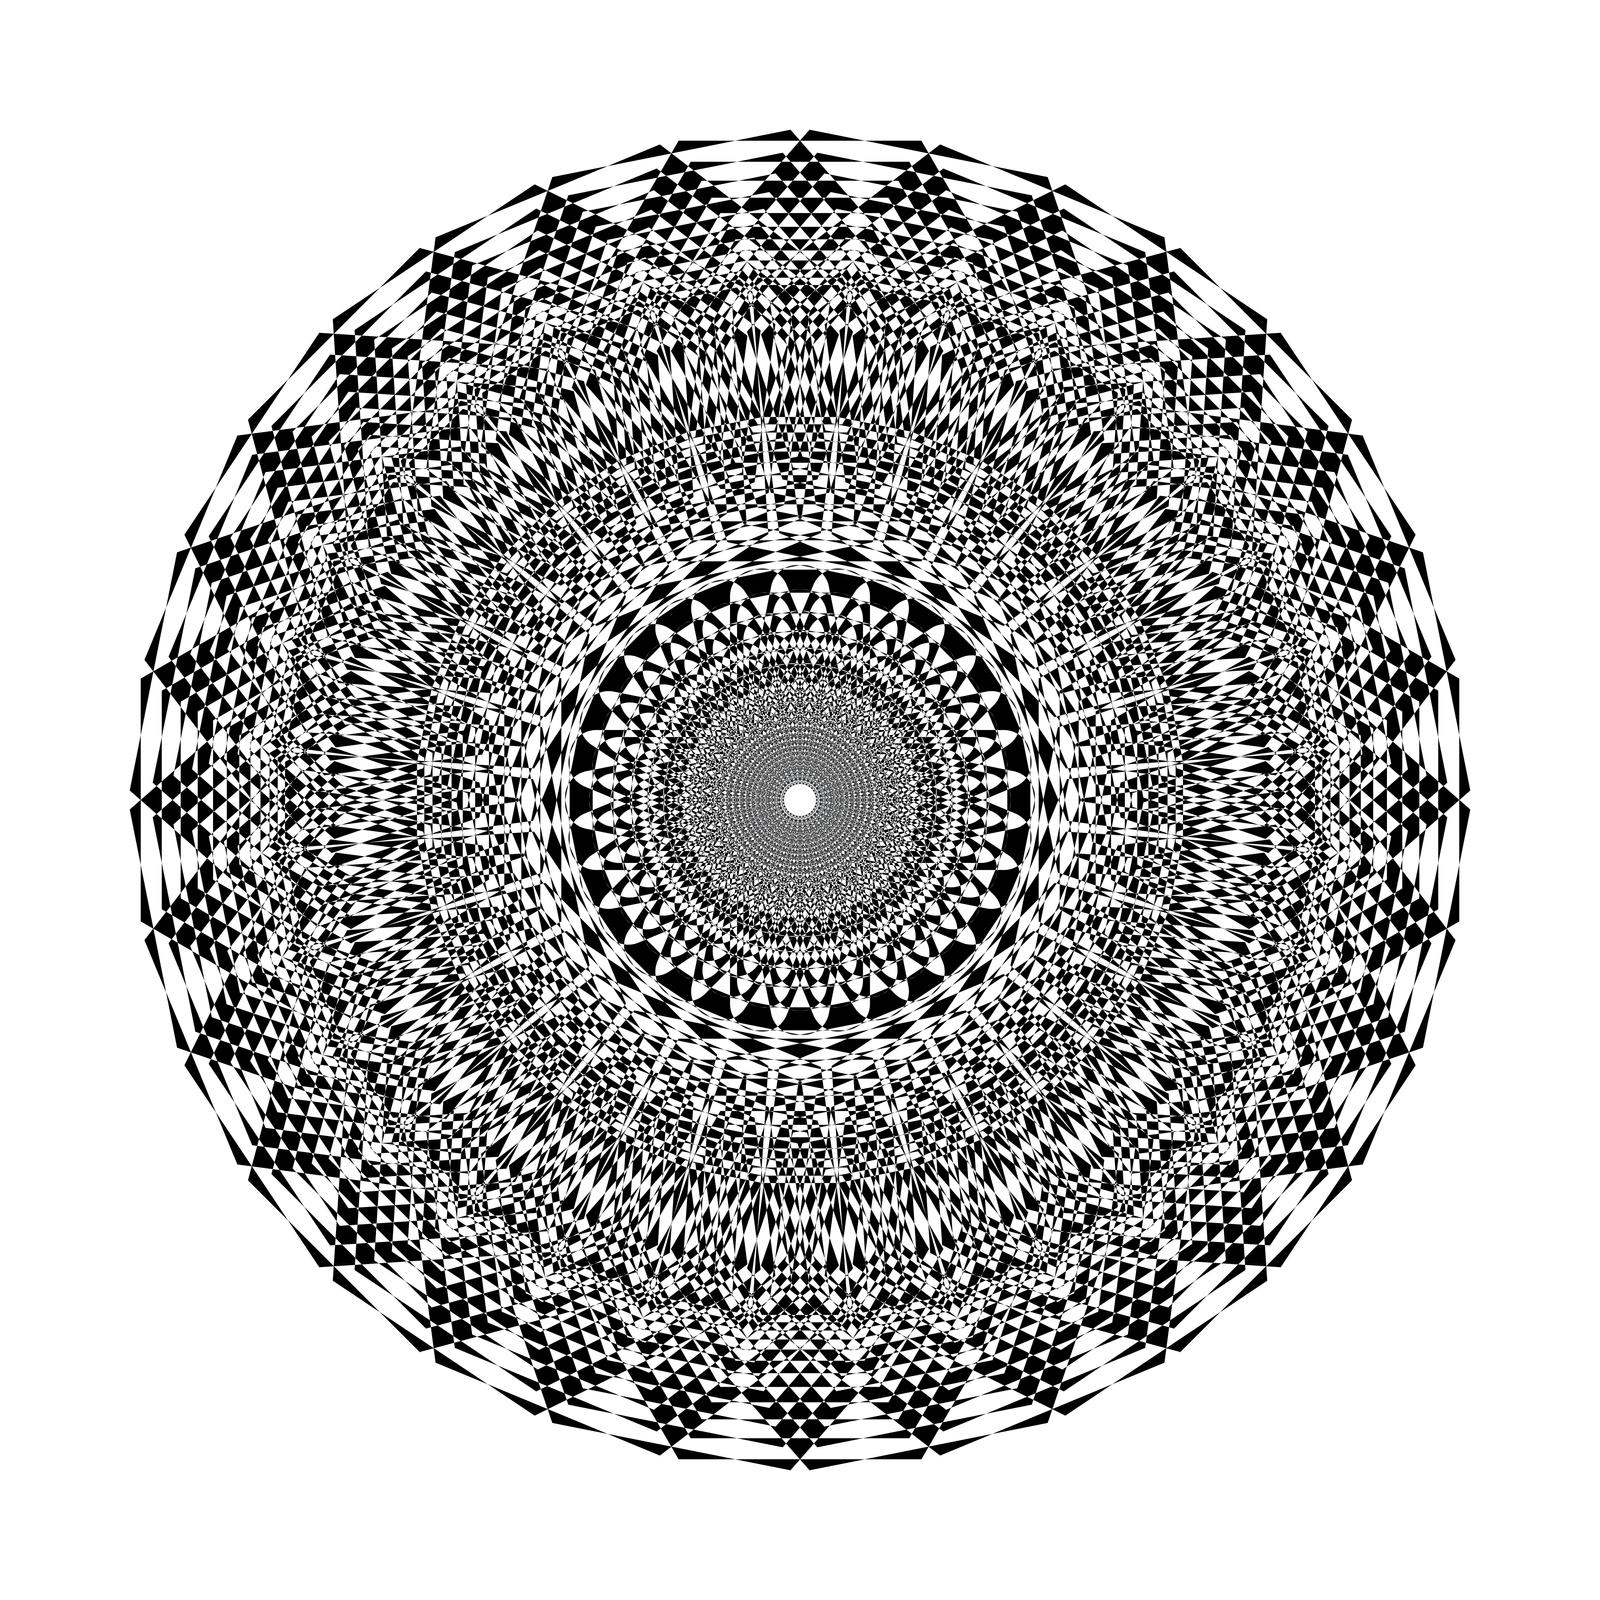 Triangular984 by azieser